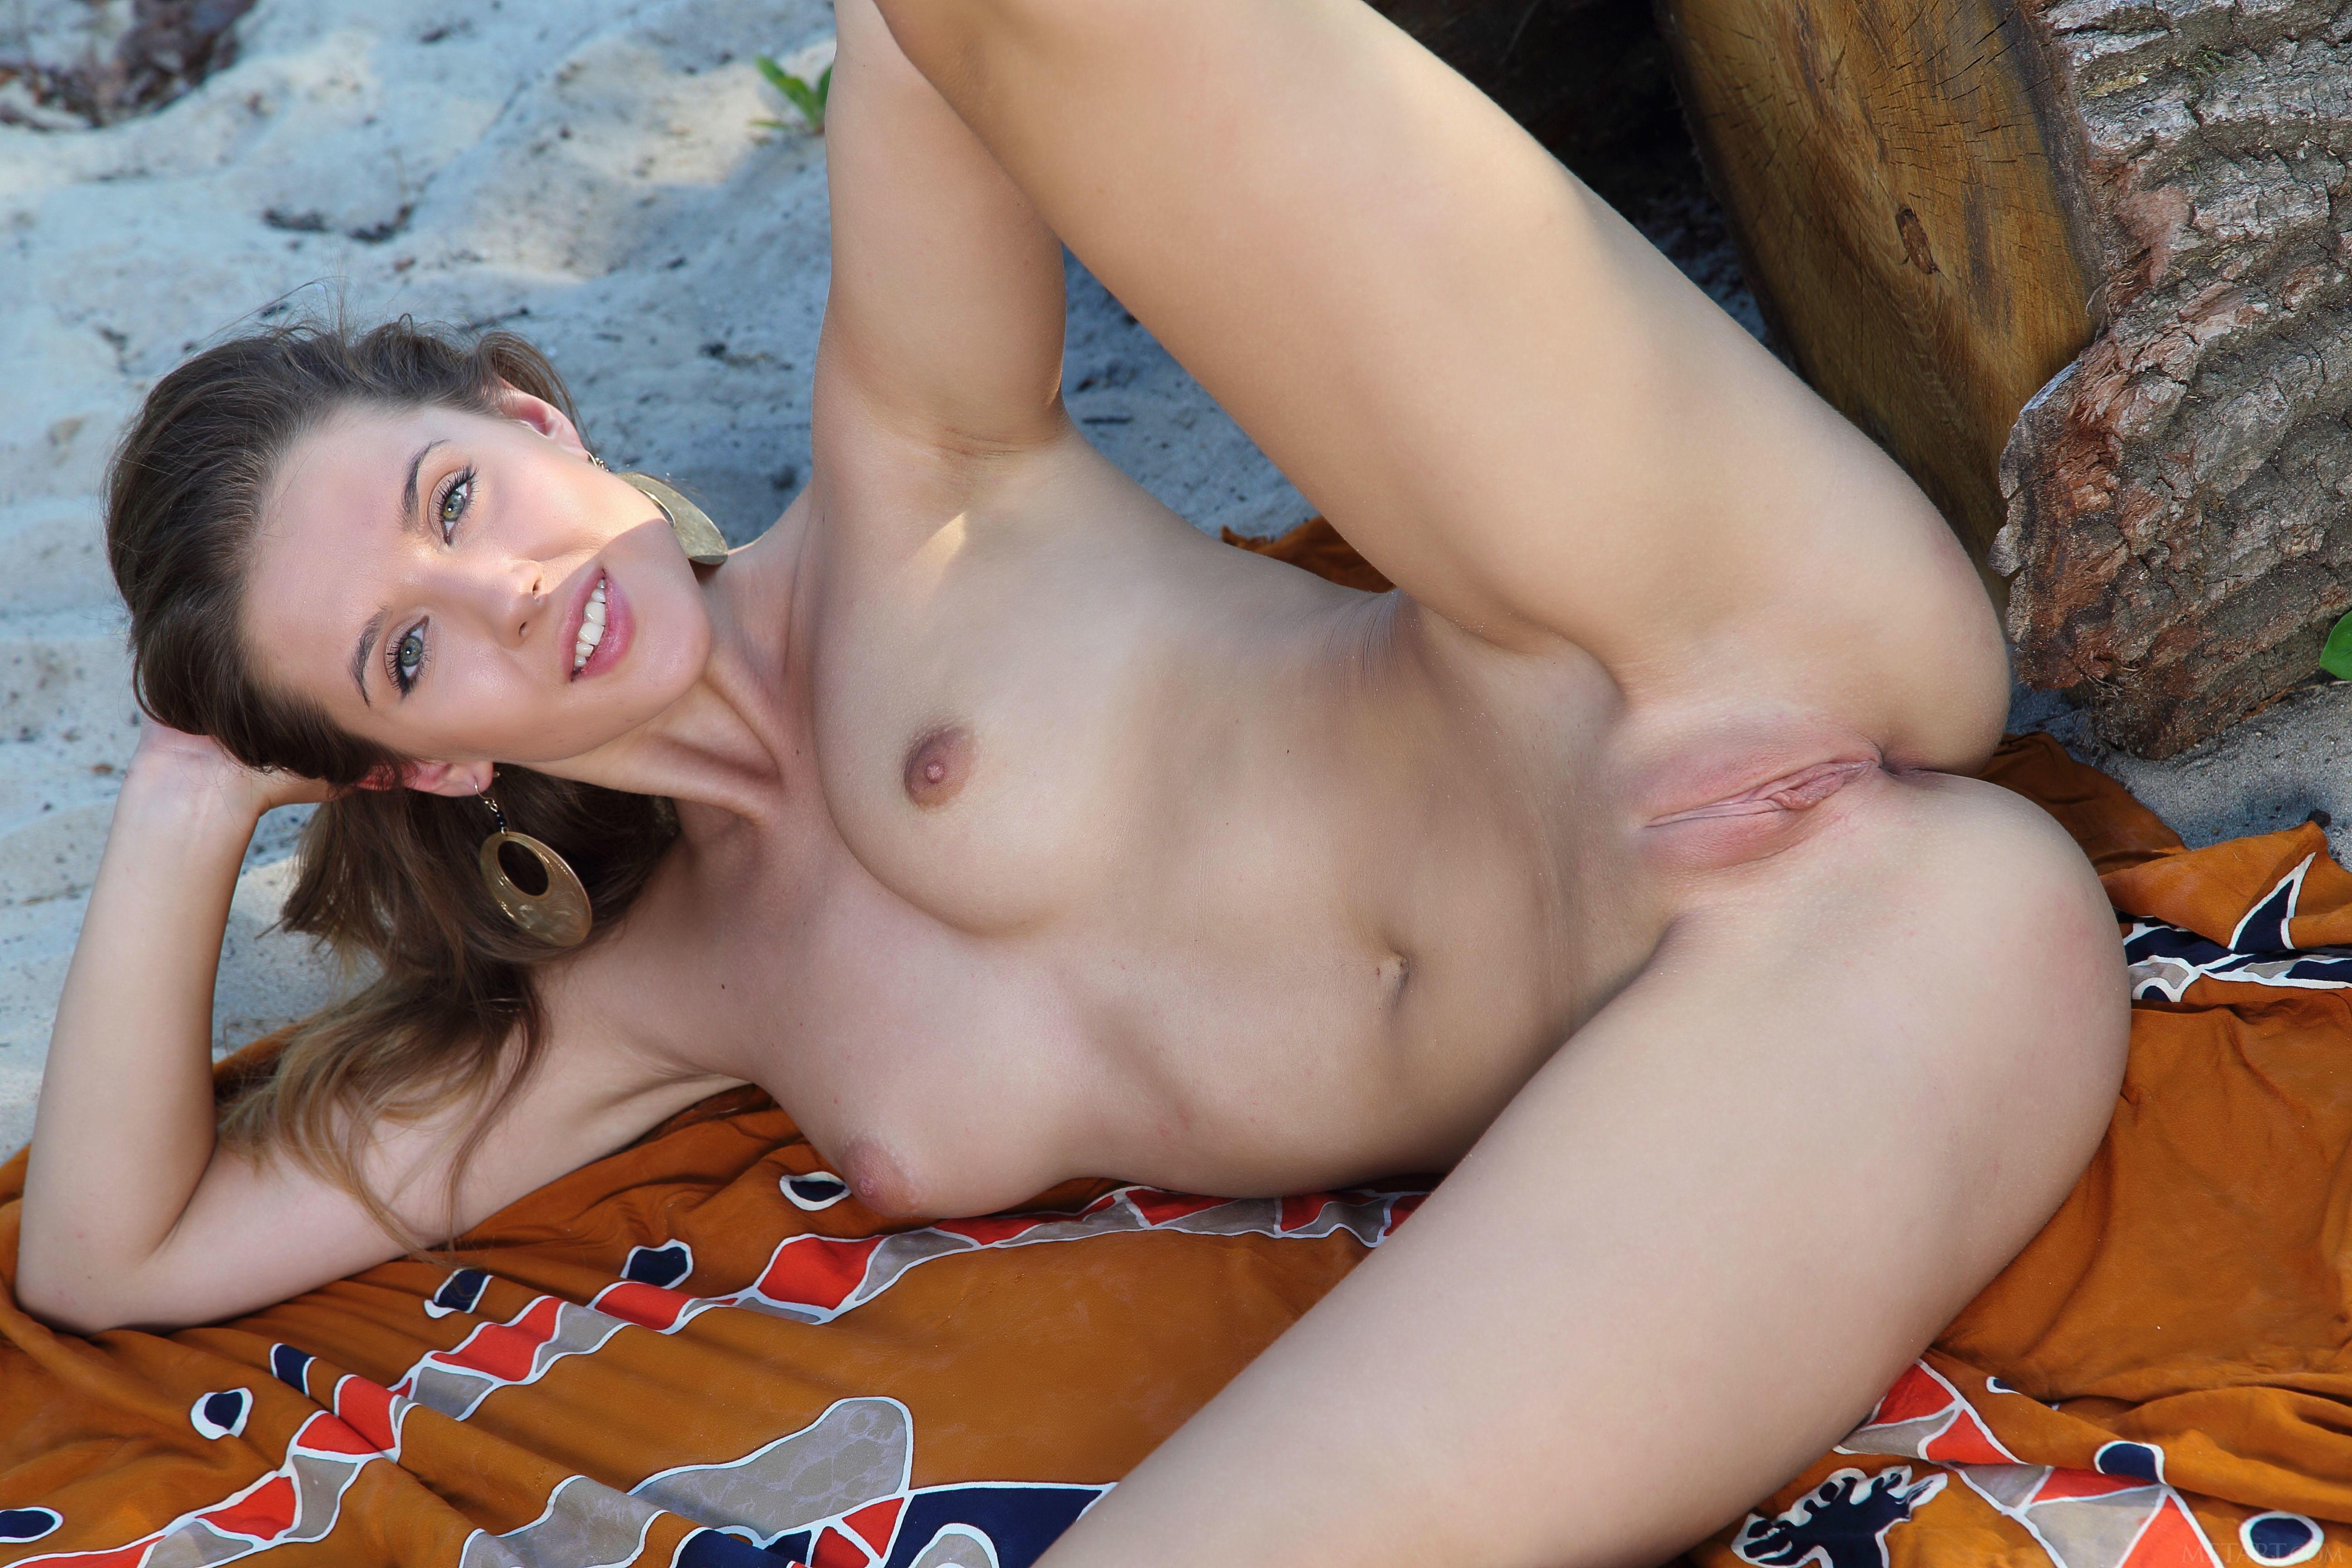 обои Sybil A, красотка, голая, голая девушка картинки фото